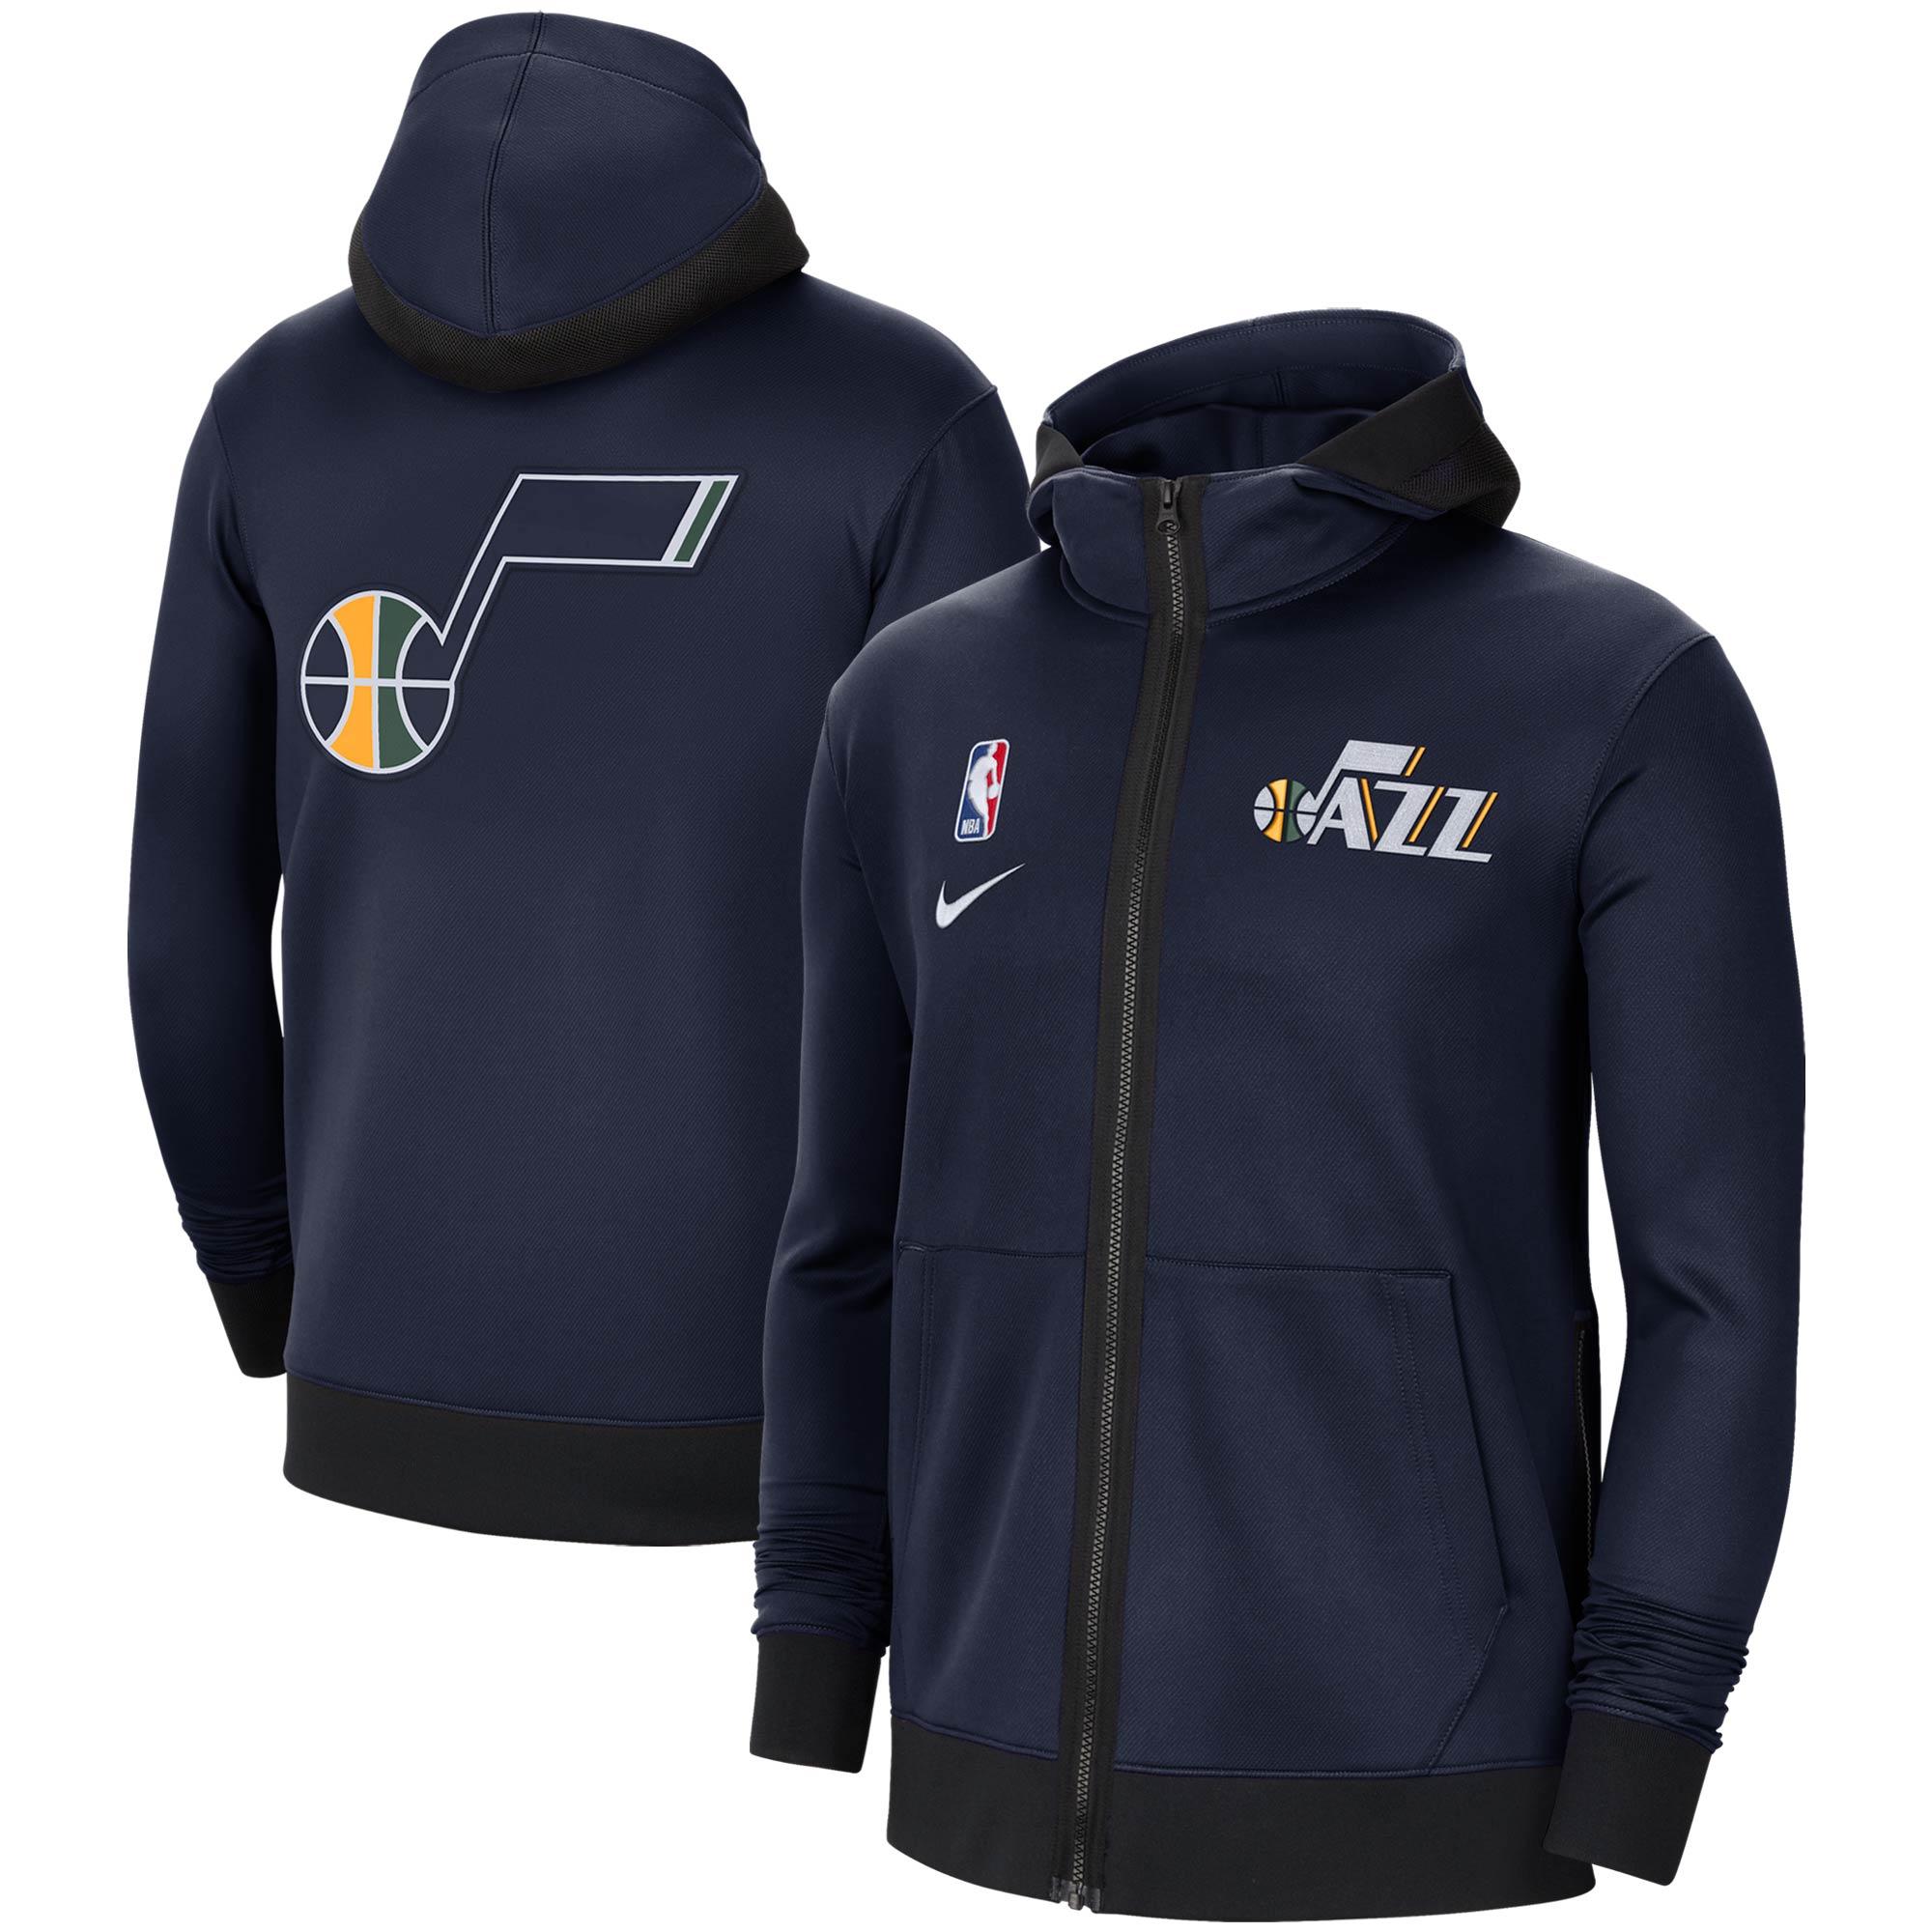 Utah Jazz Nike Authentic Showtime Performance Full-Zip Hoodie Jacket - Navy